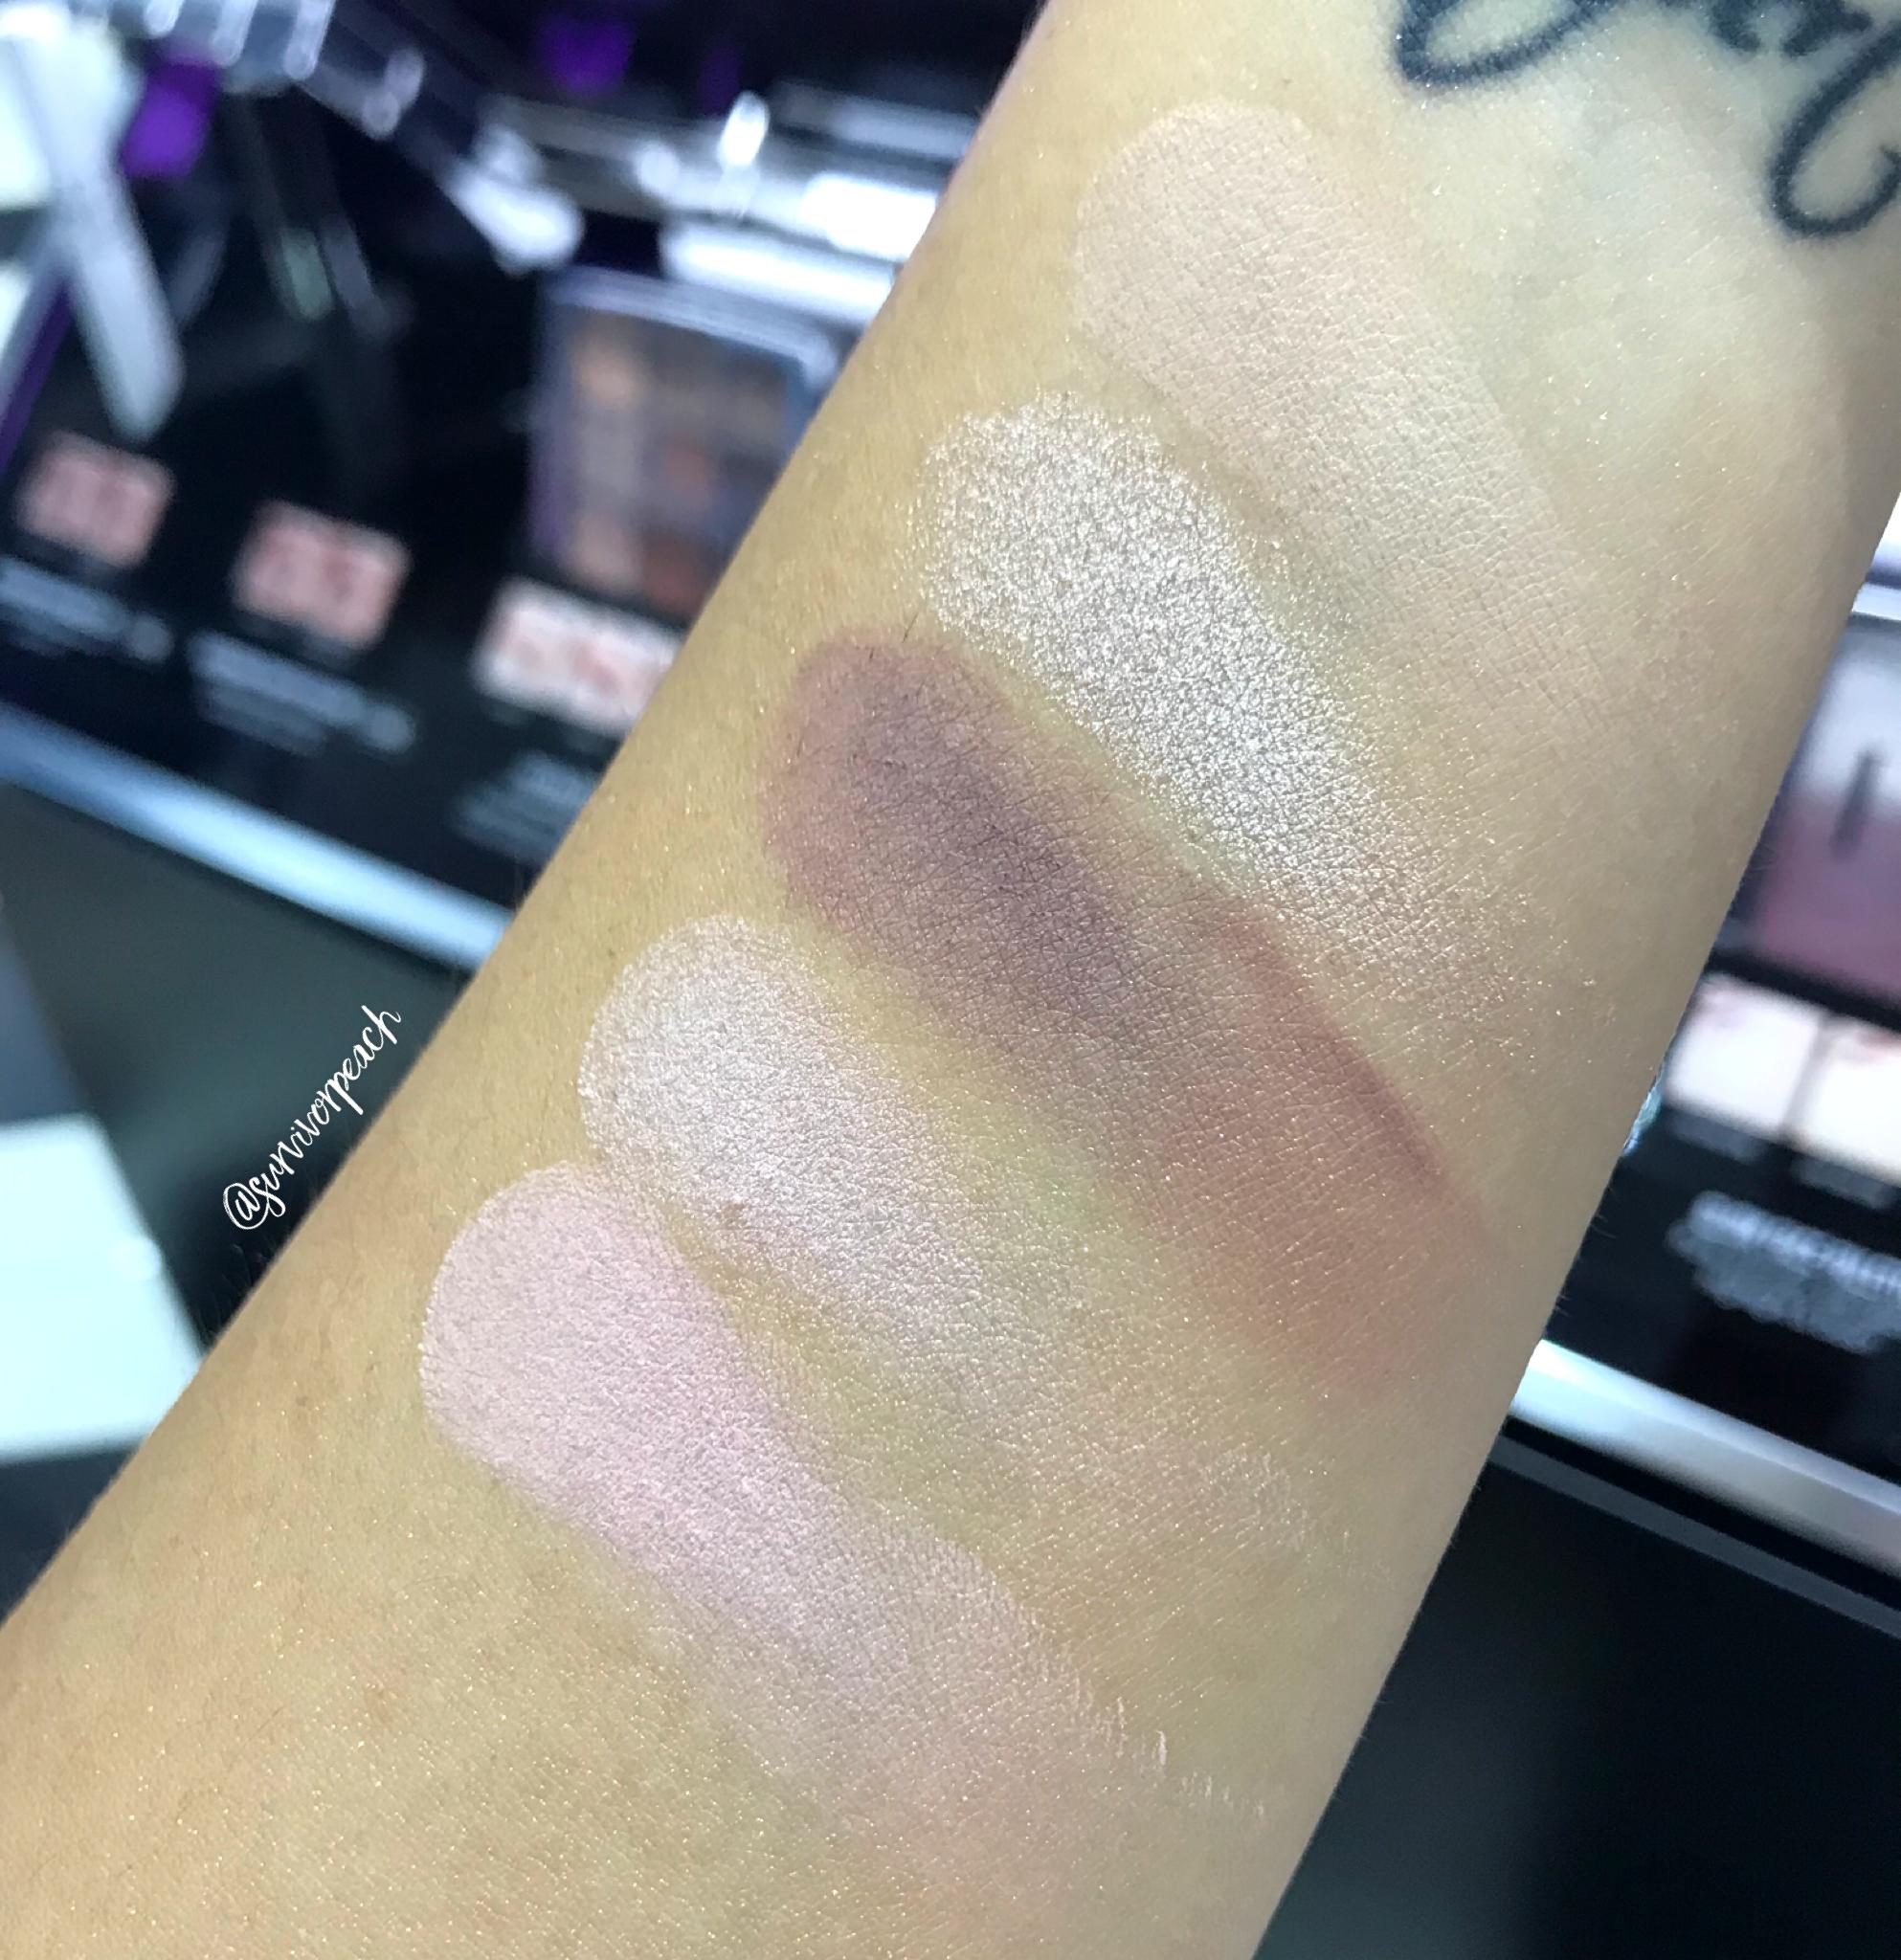 Dior Backstage Eyeshadow palette - Cool Neutrals swatches